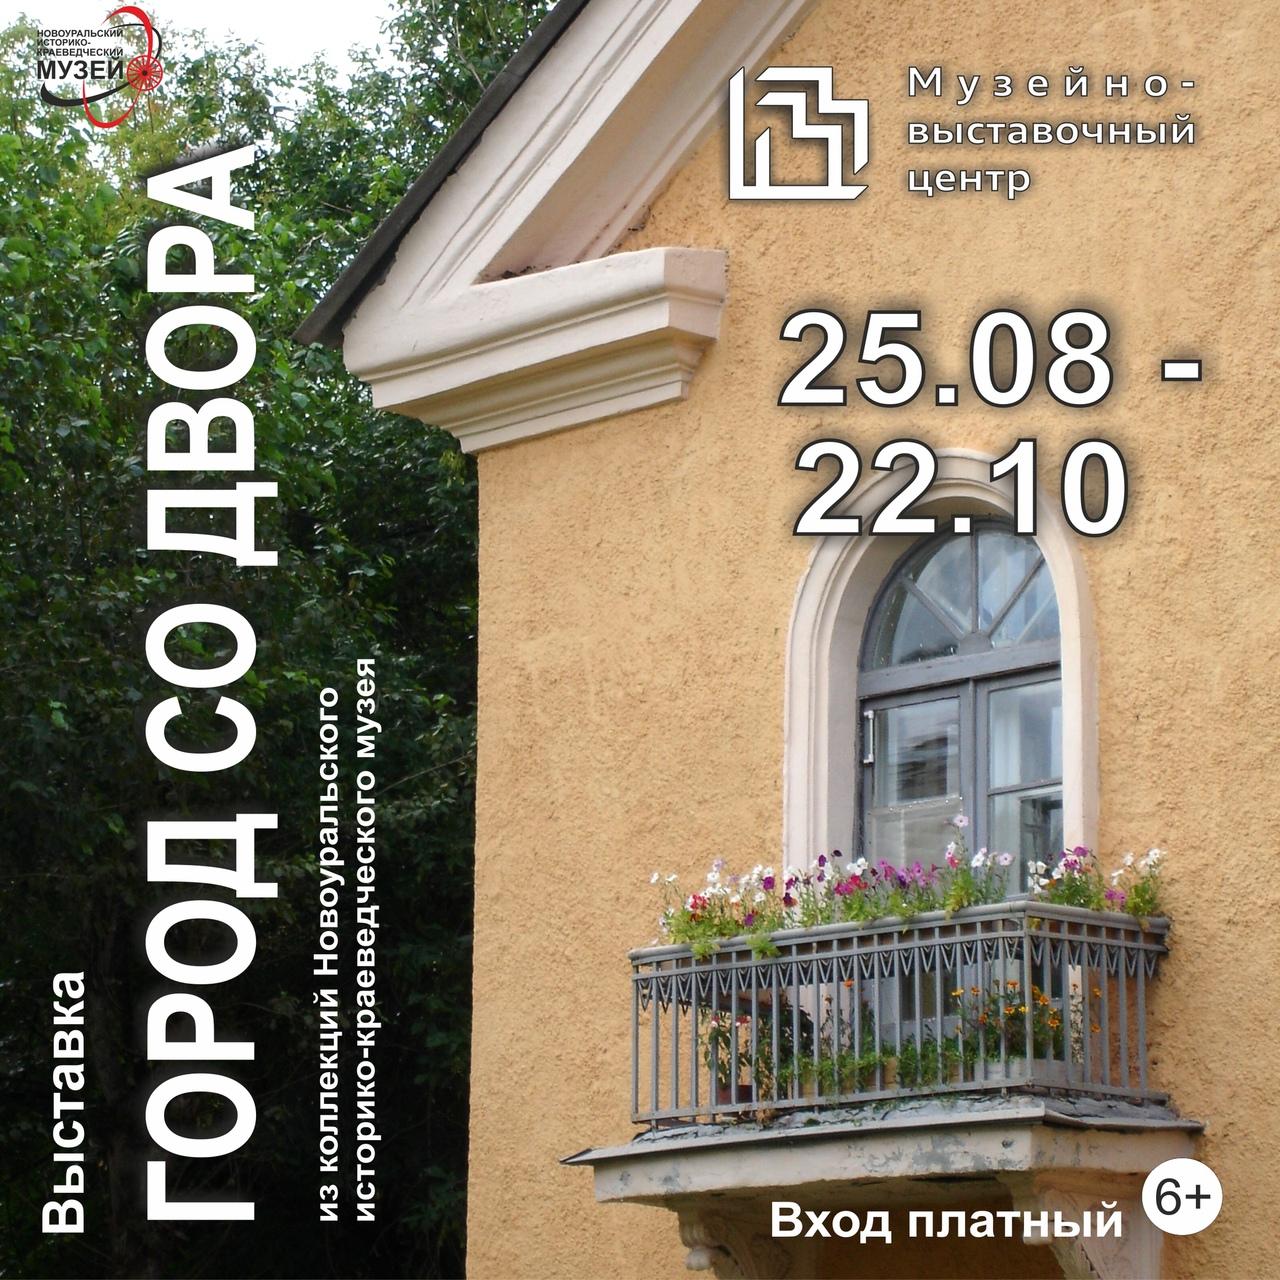 Новая выставка в МВЦ